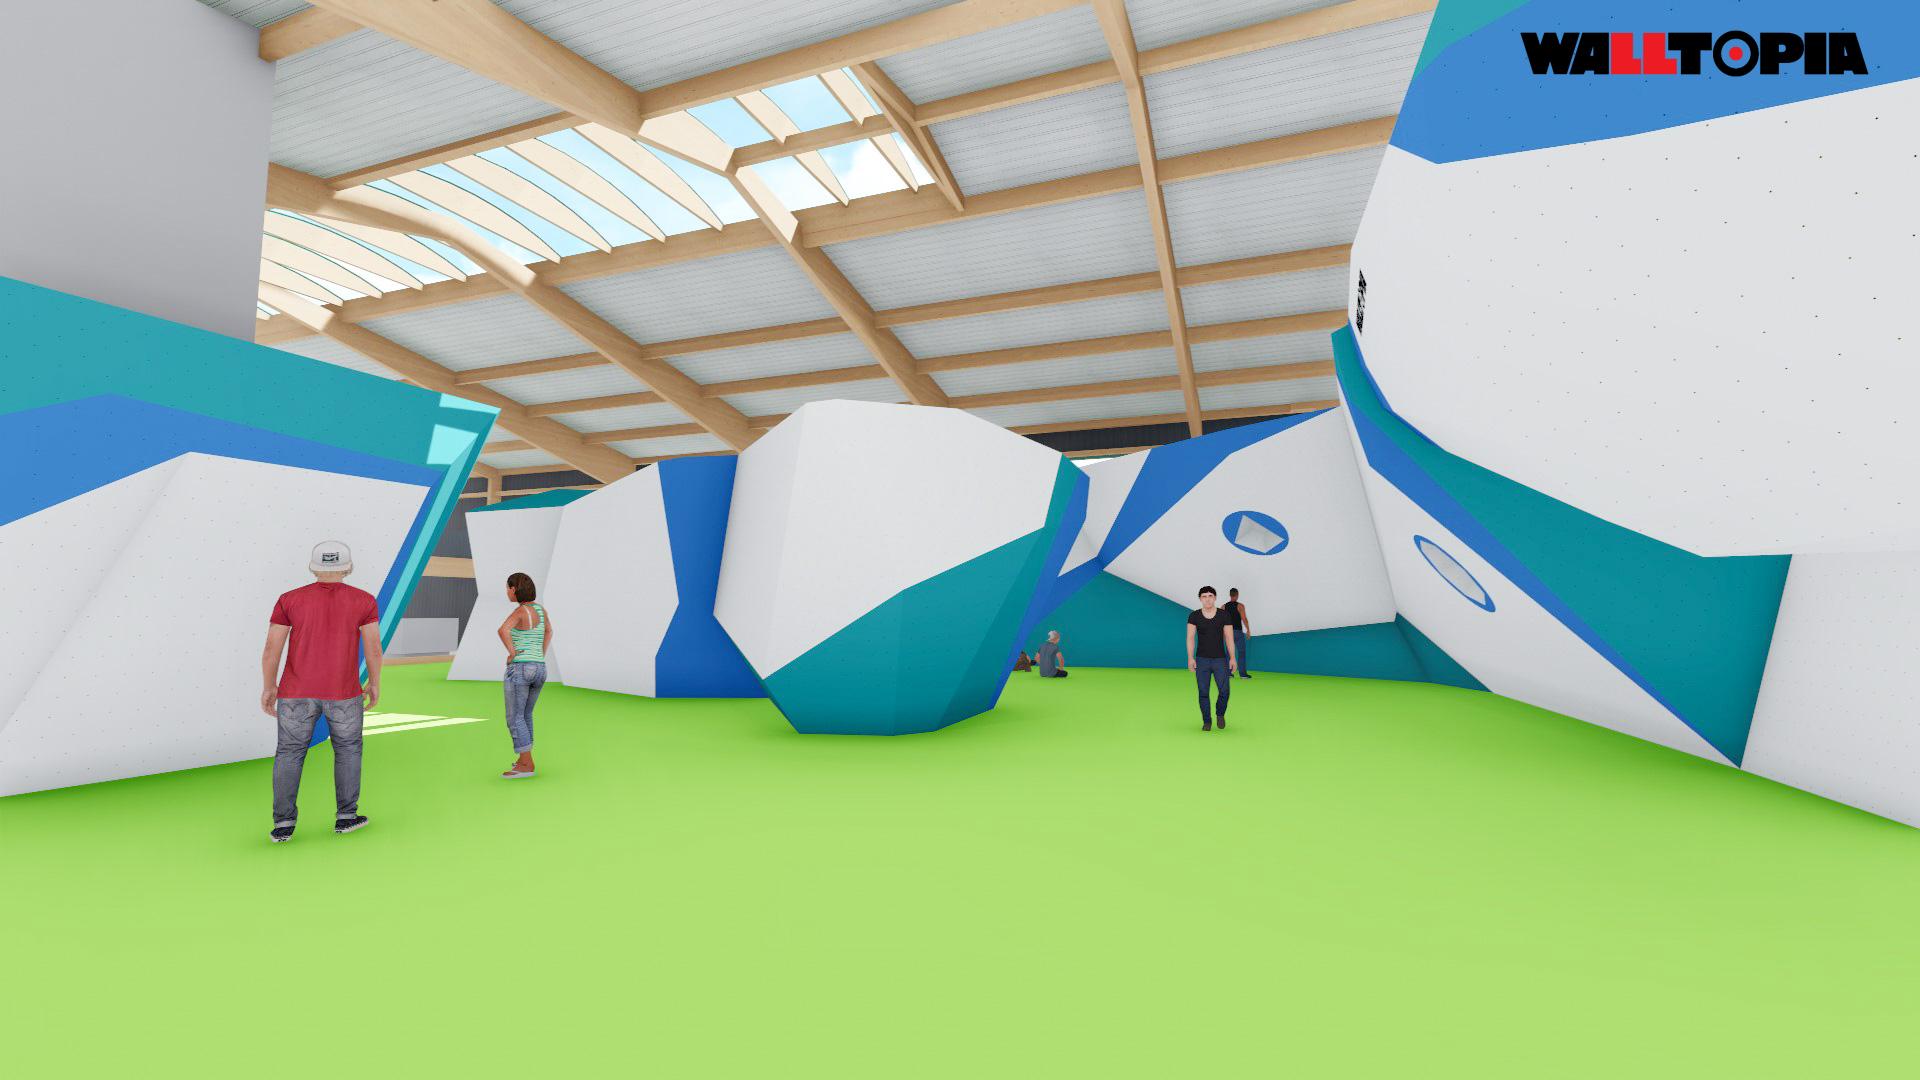 Kletterausrüstung Dortmund : Outdoor consulting u2013 planung konzeption und bau von kletteranlagen